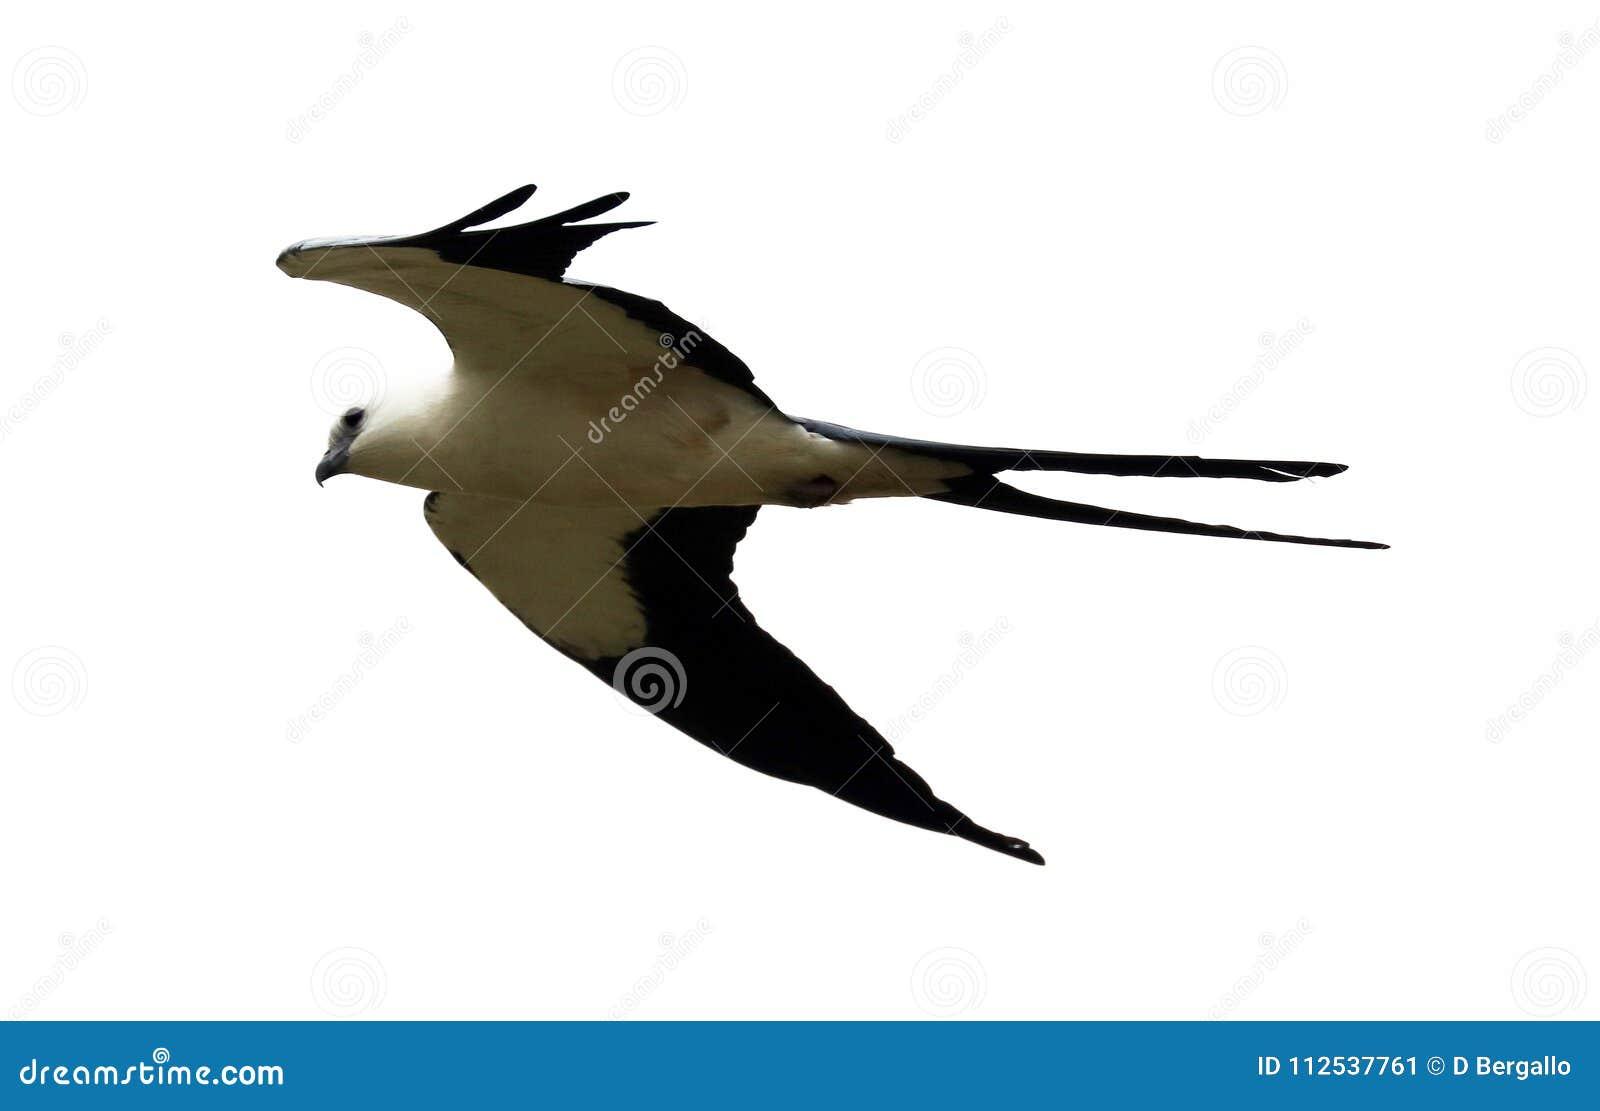 Chasse Hirondelle-coupée la queue d oiseau de proie de cerf-volant dans les cieux de Costa Rica